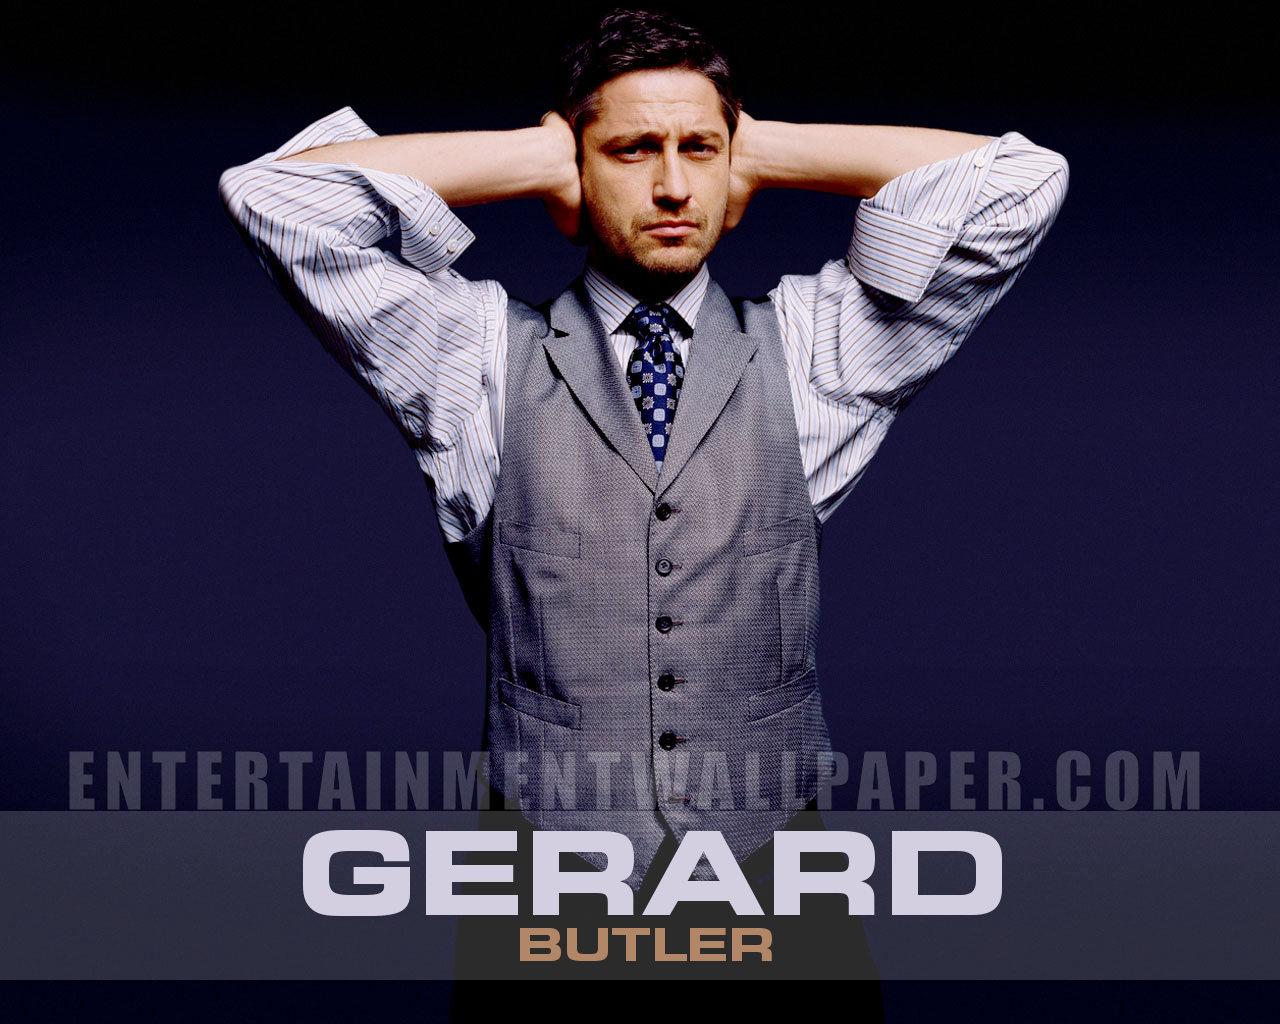 http://3.bp.blogspot.com/_HkbWdsz-H8g/S72GowCoC6I/AAAAAAAAHyg/9ug4QyutmkQ/s1600/gerard_butler01.jpg